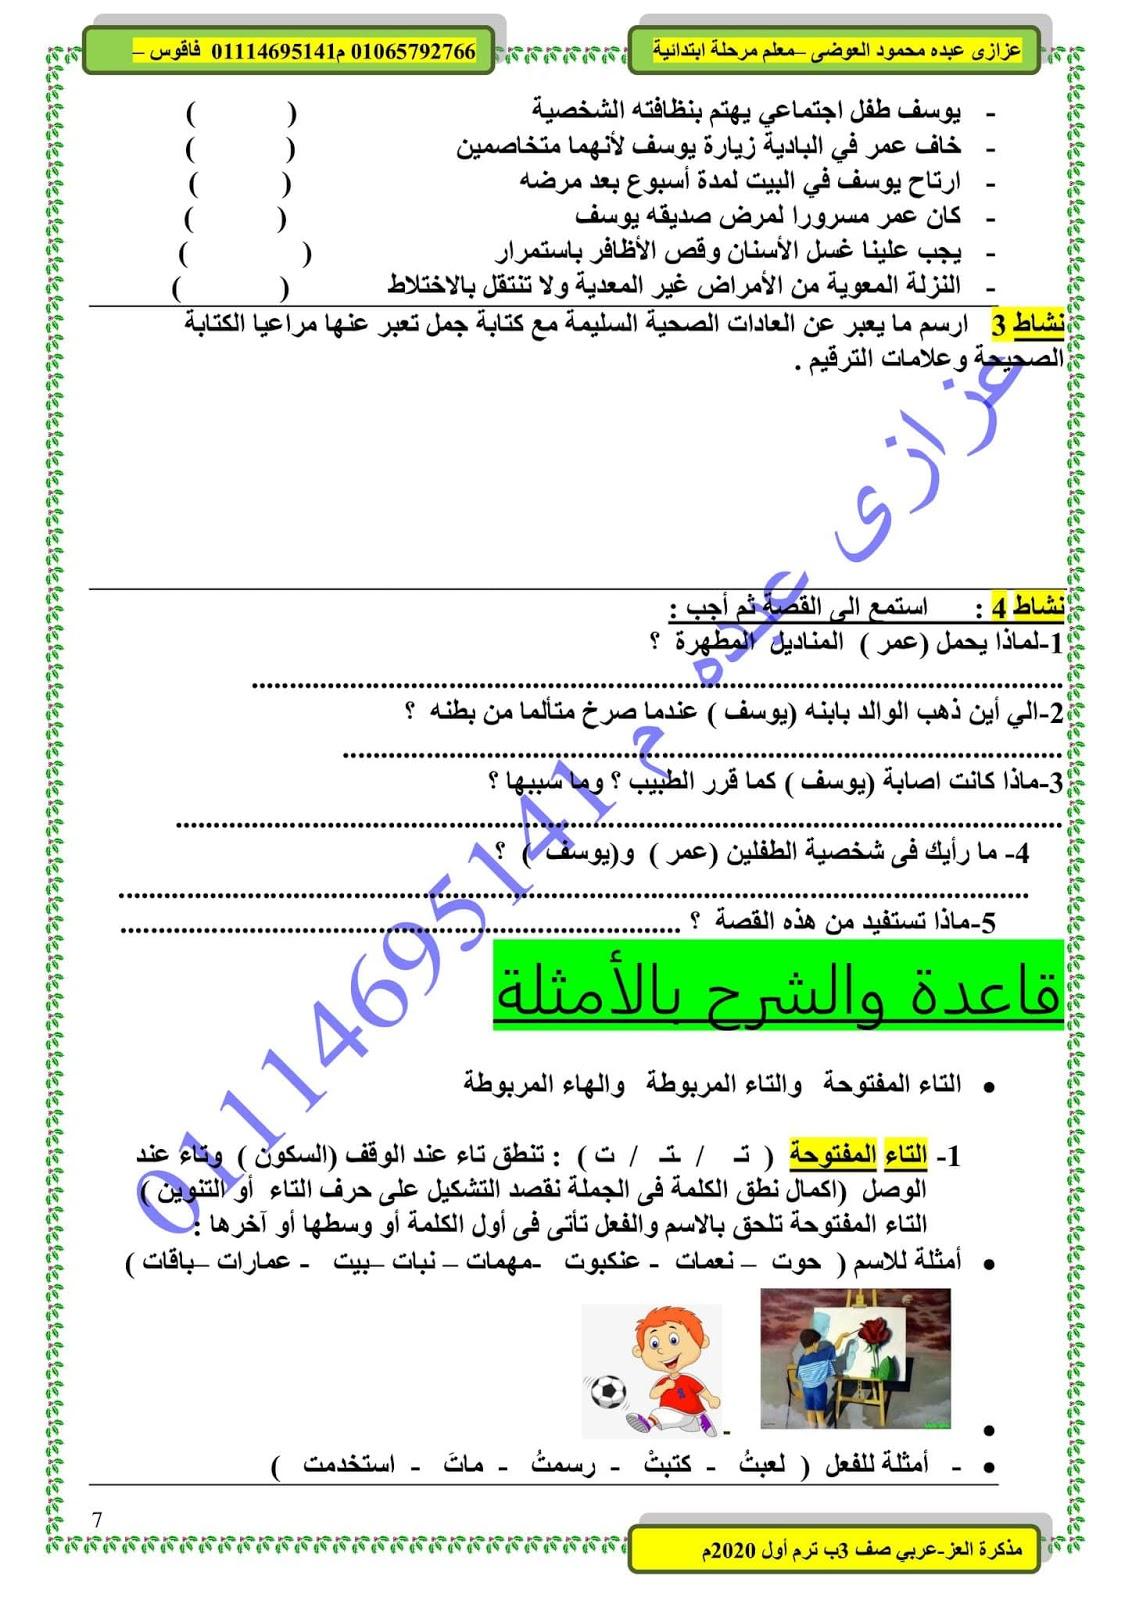 مذكرة عربى ثالثة ابتدائى ترم اول 2021